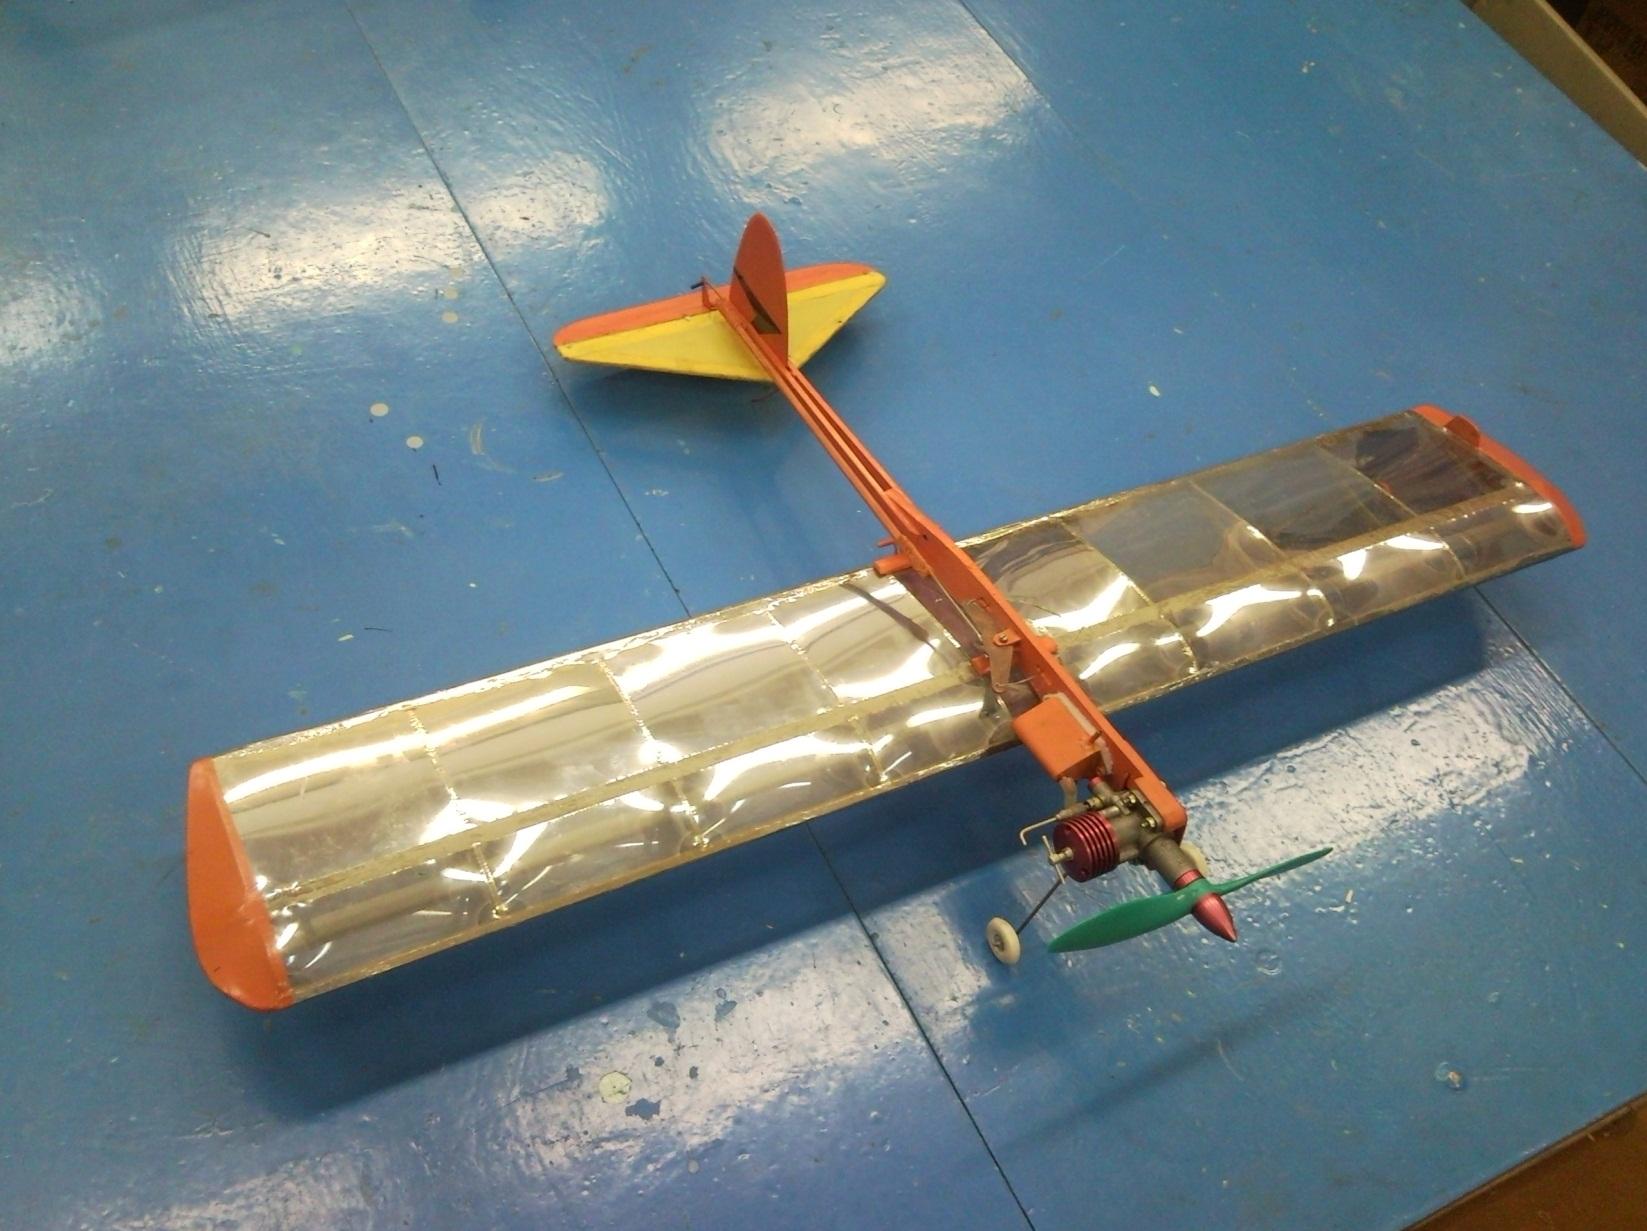 Кордовая модель самолета с электродвигателем своими руками 78